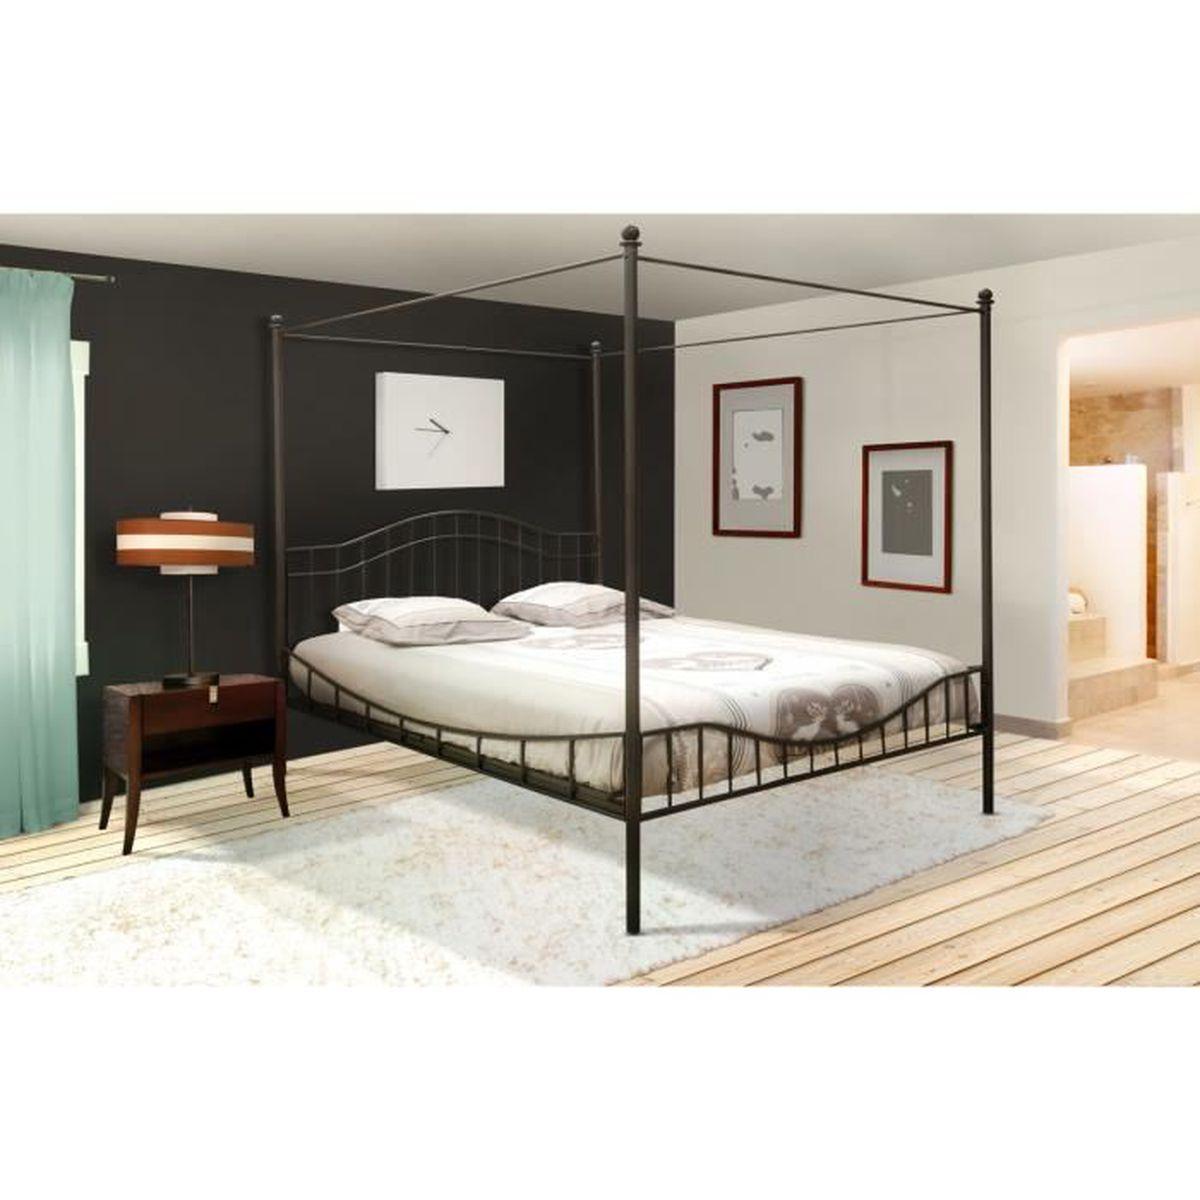 lit à baldaquin 2 personnes 160x200 cm noir avec sommier - achat